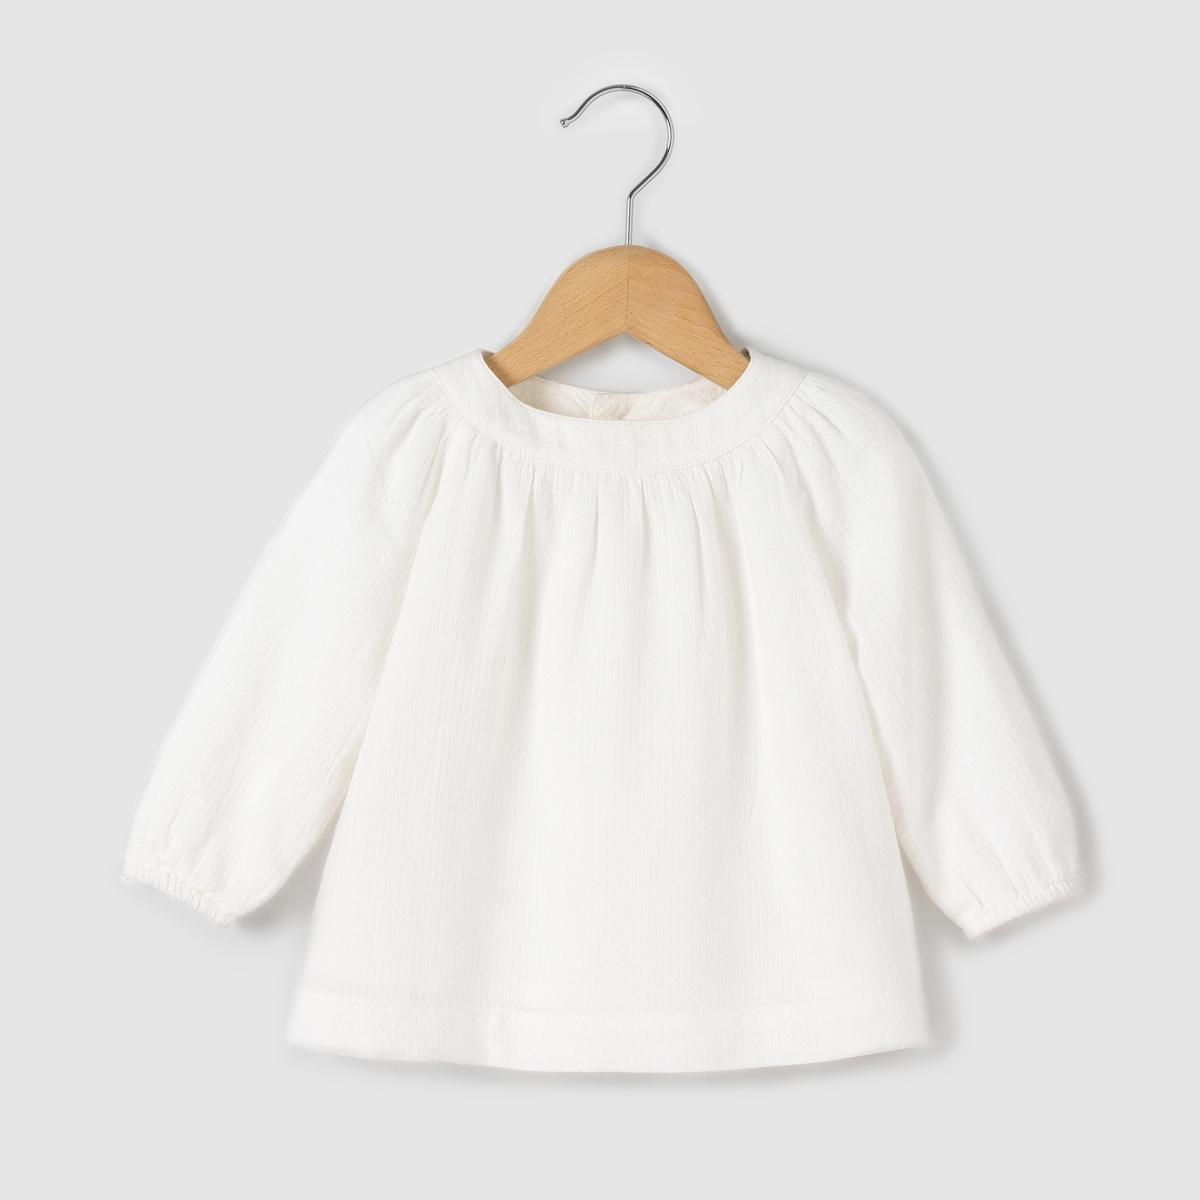 Блузка с застежкой на пуговицы сзади, на 0 мес.-3 лет